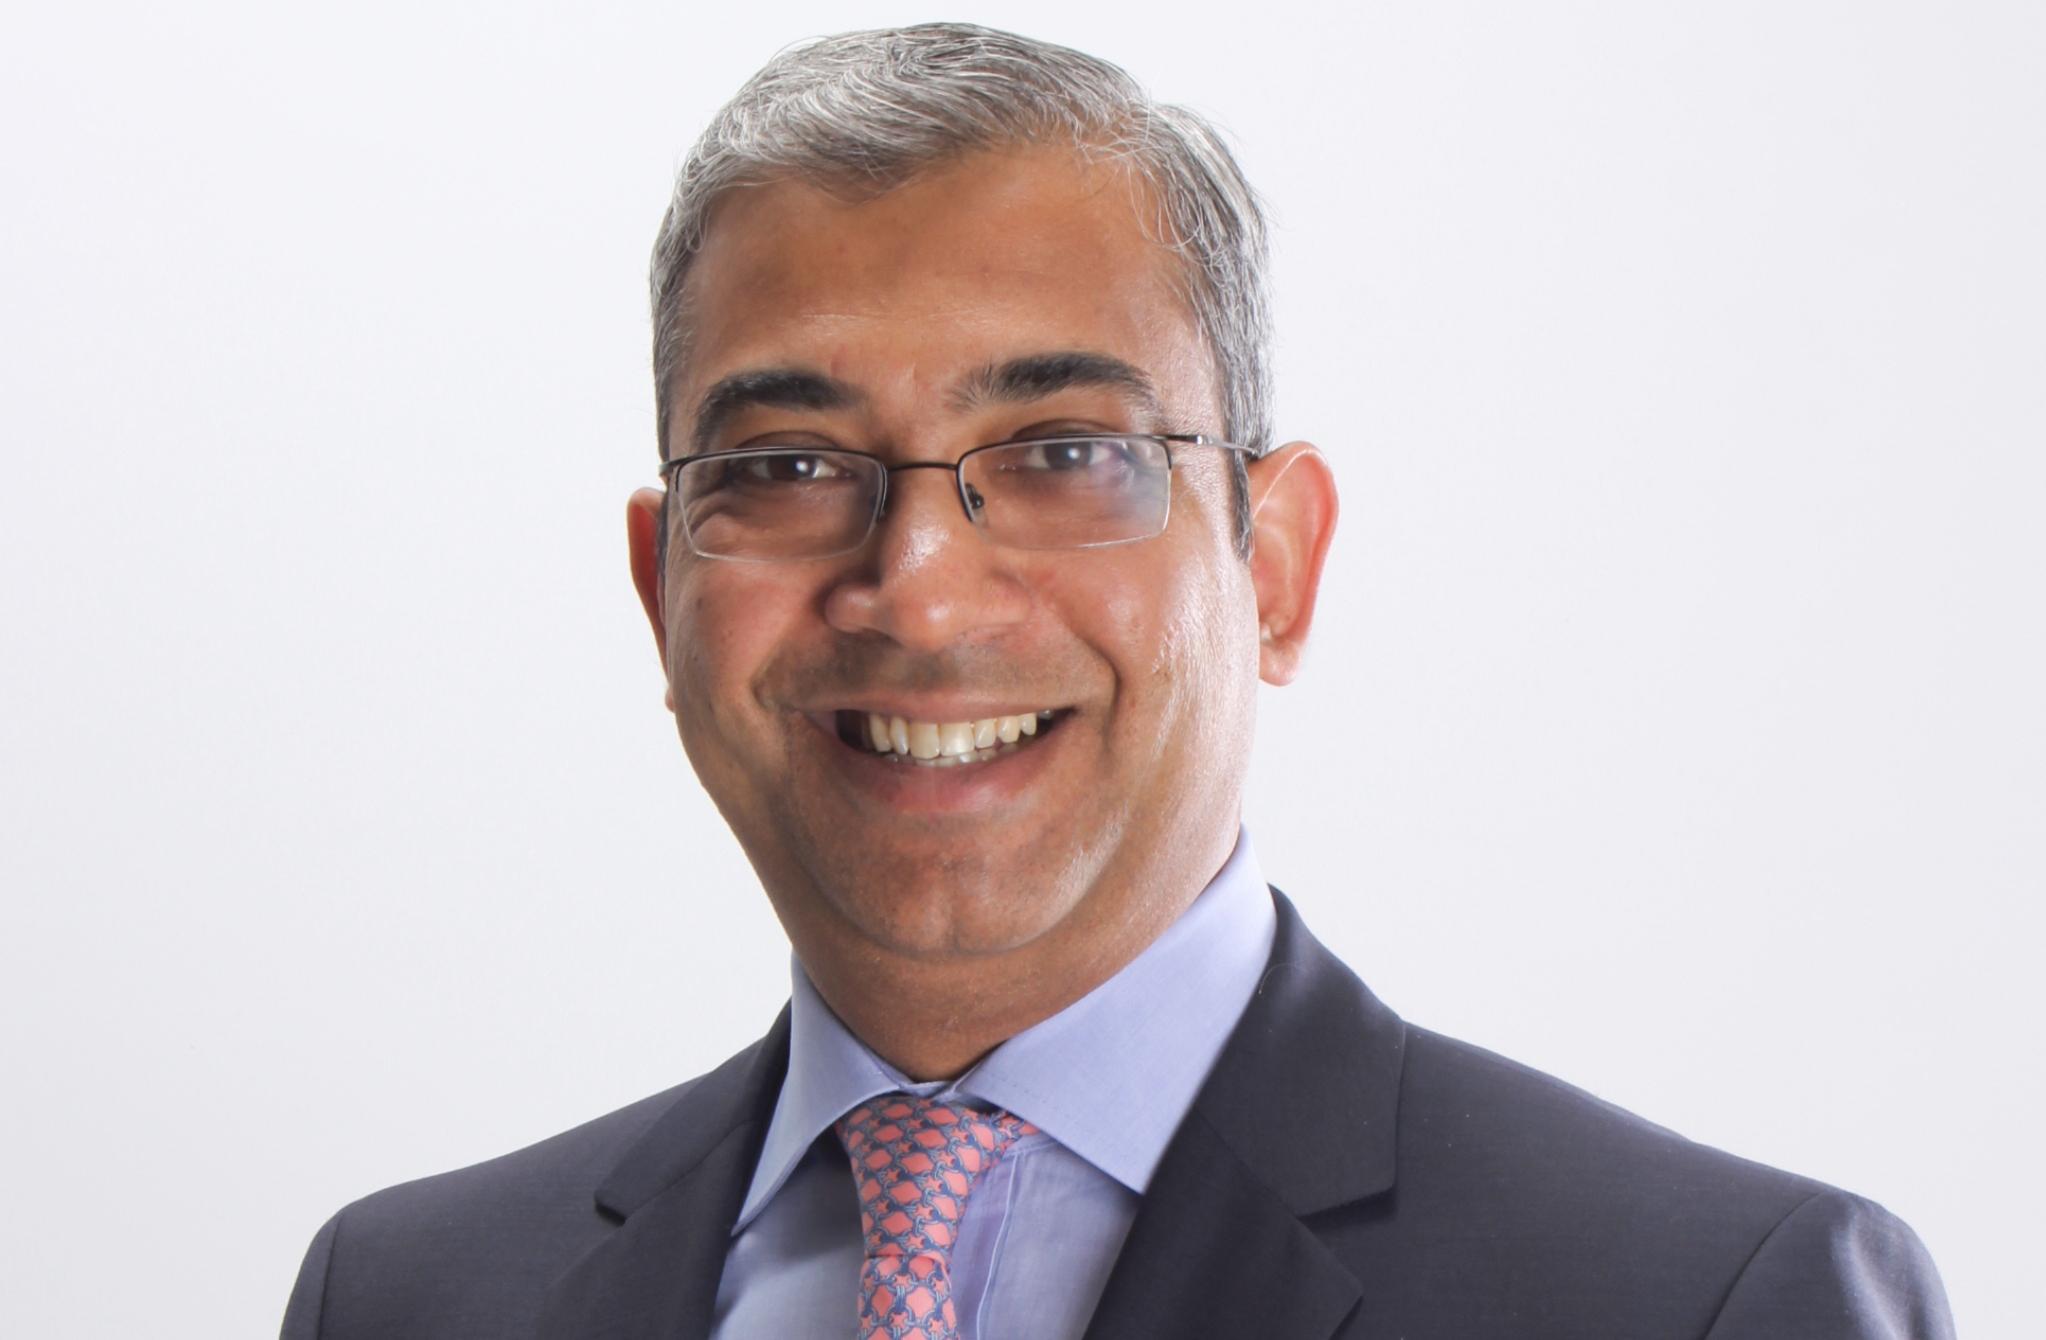 Ashok Vemuri nominato CEO della futura società Xerox BPO